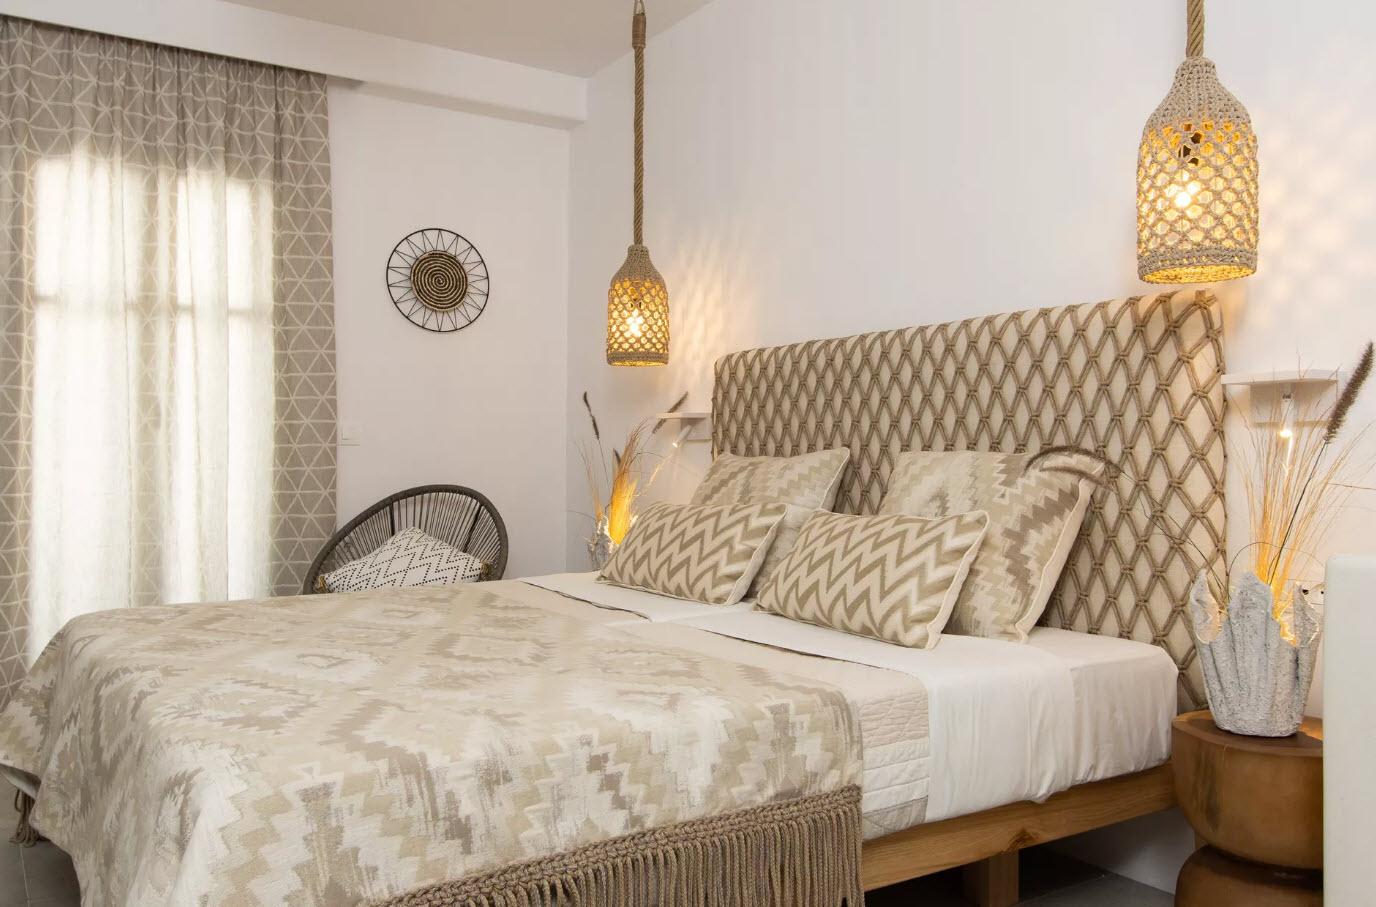 Villa Flora Hotel- Νάξος ✦ 2 Ημέρες (1 Διανυκτέρευση) ✦ 2 άτομα ✦ Πρωινό ✦ 01/09/2021 έως 30/09/2021 ✦ Κοντά σε παραλία!